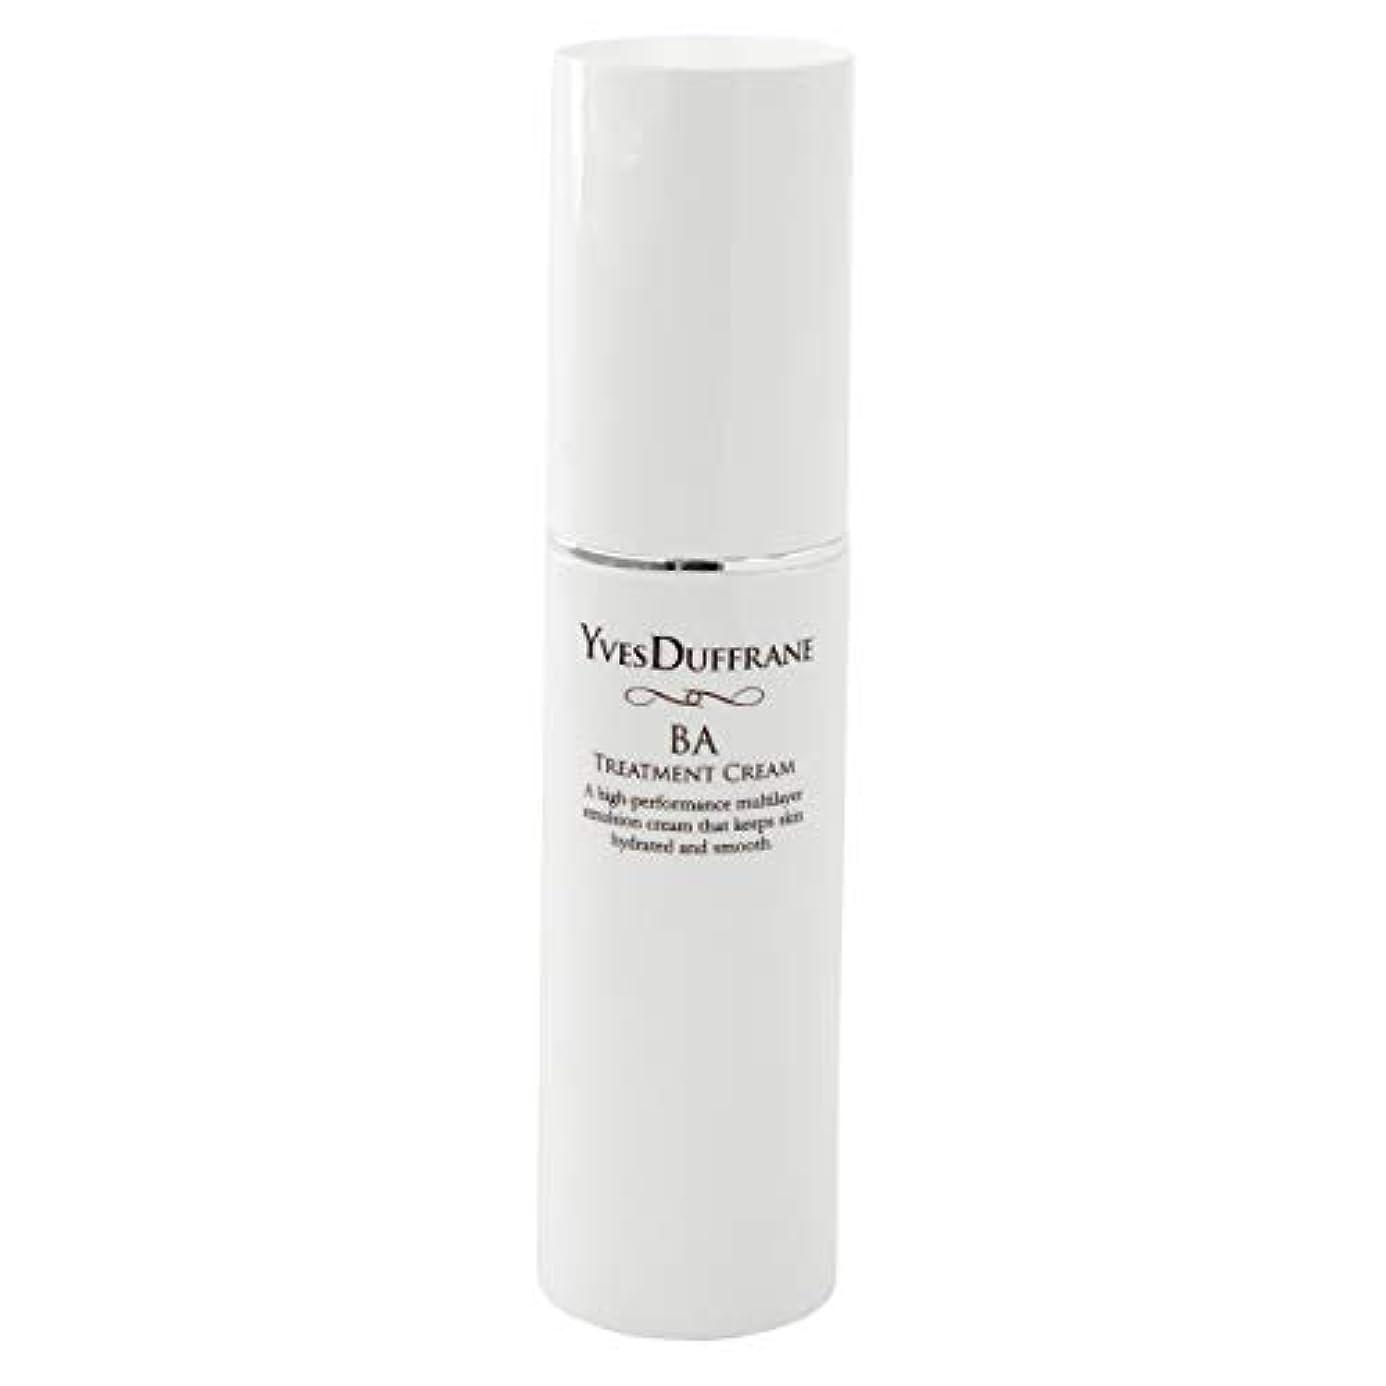 ベーシックセイはさておきプロフェッショナルセラミド 美容クリーム [BAトリートメント クリーム ] 顔 目元 敏感肌 保湿 セラミド ビタミンC誘導体 バイオアンテージ配合